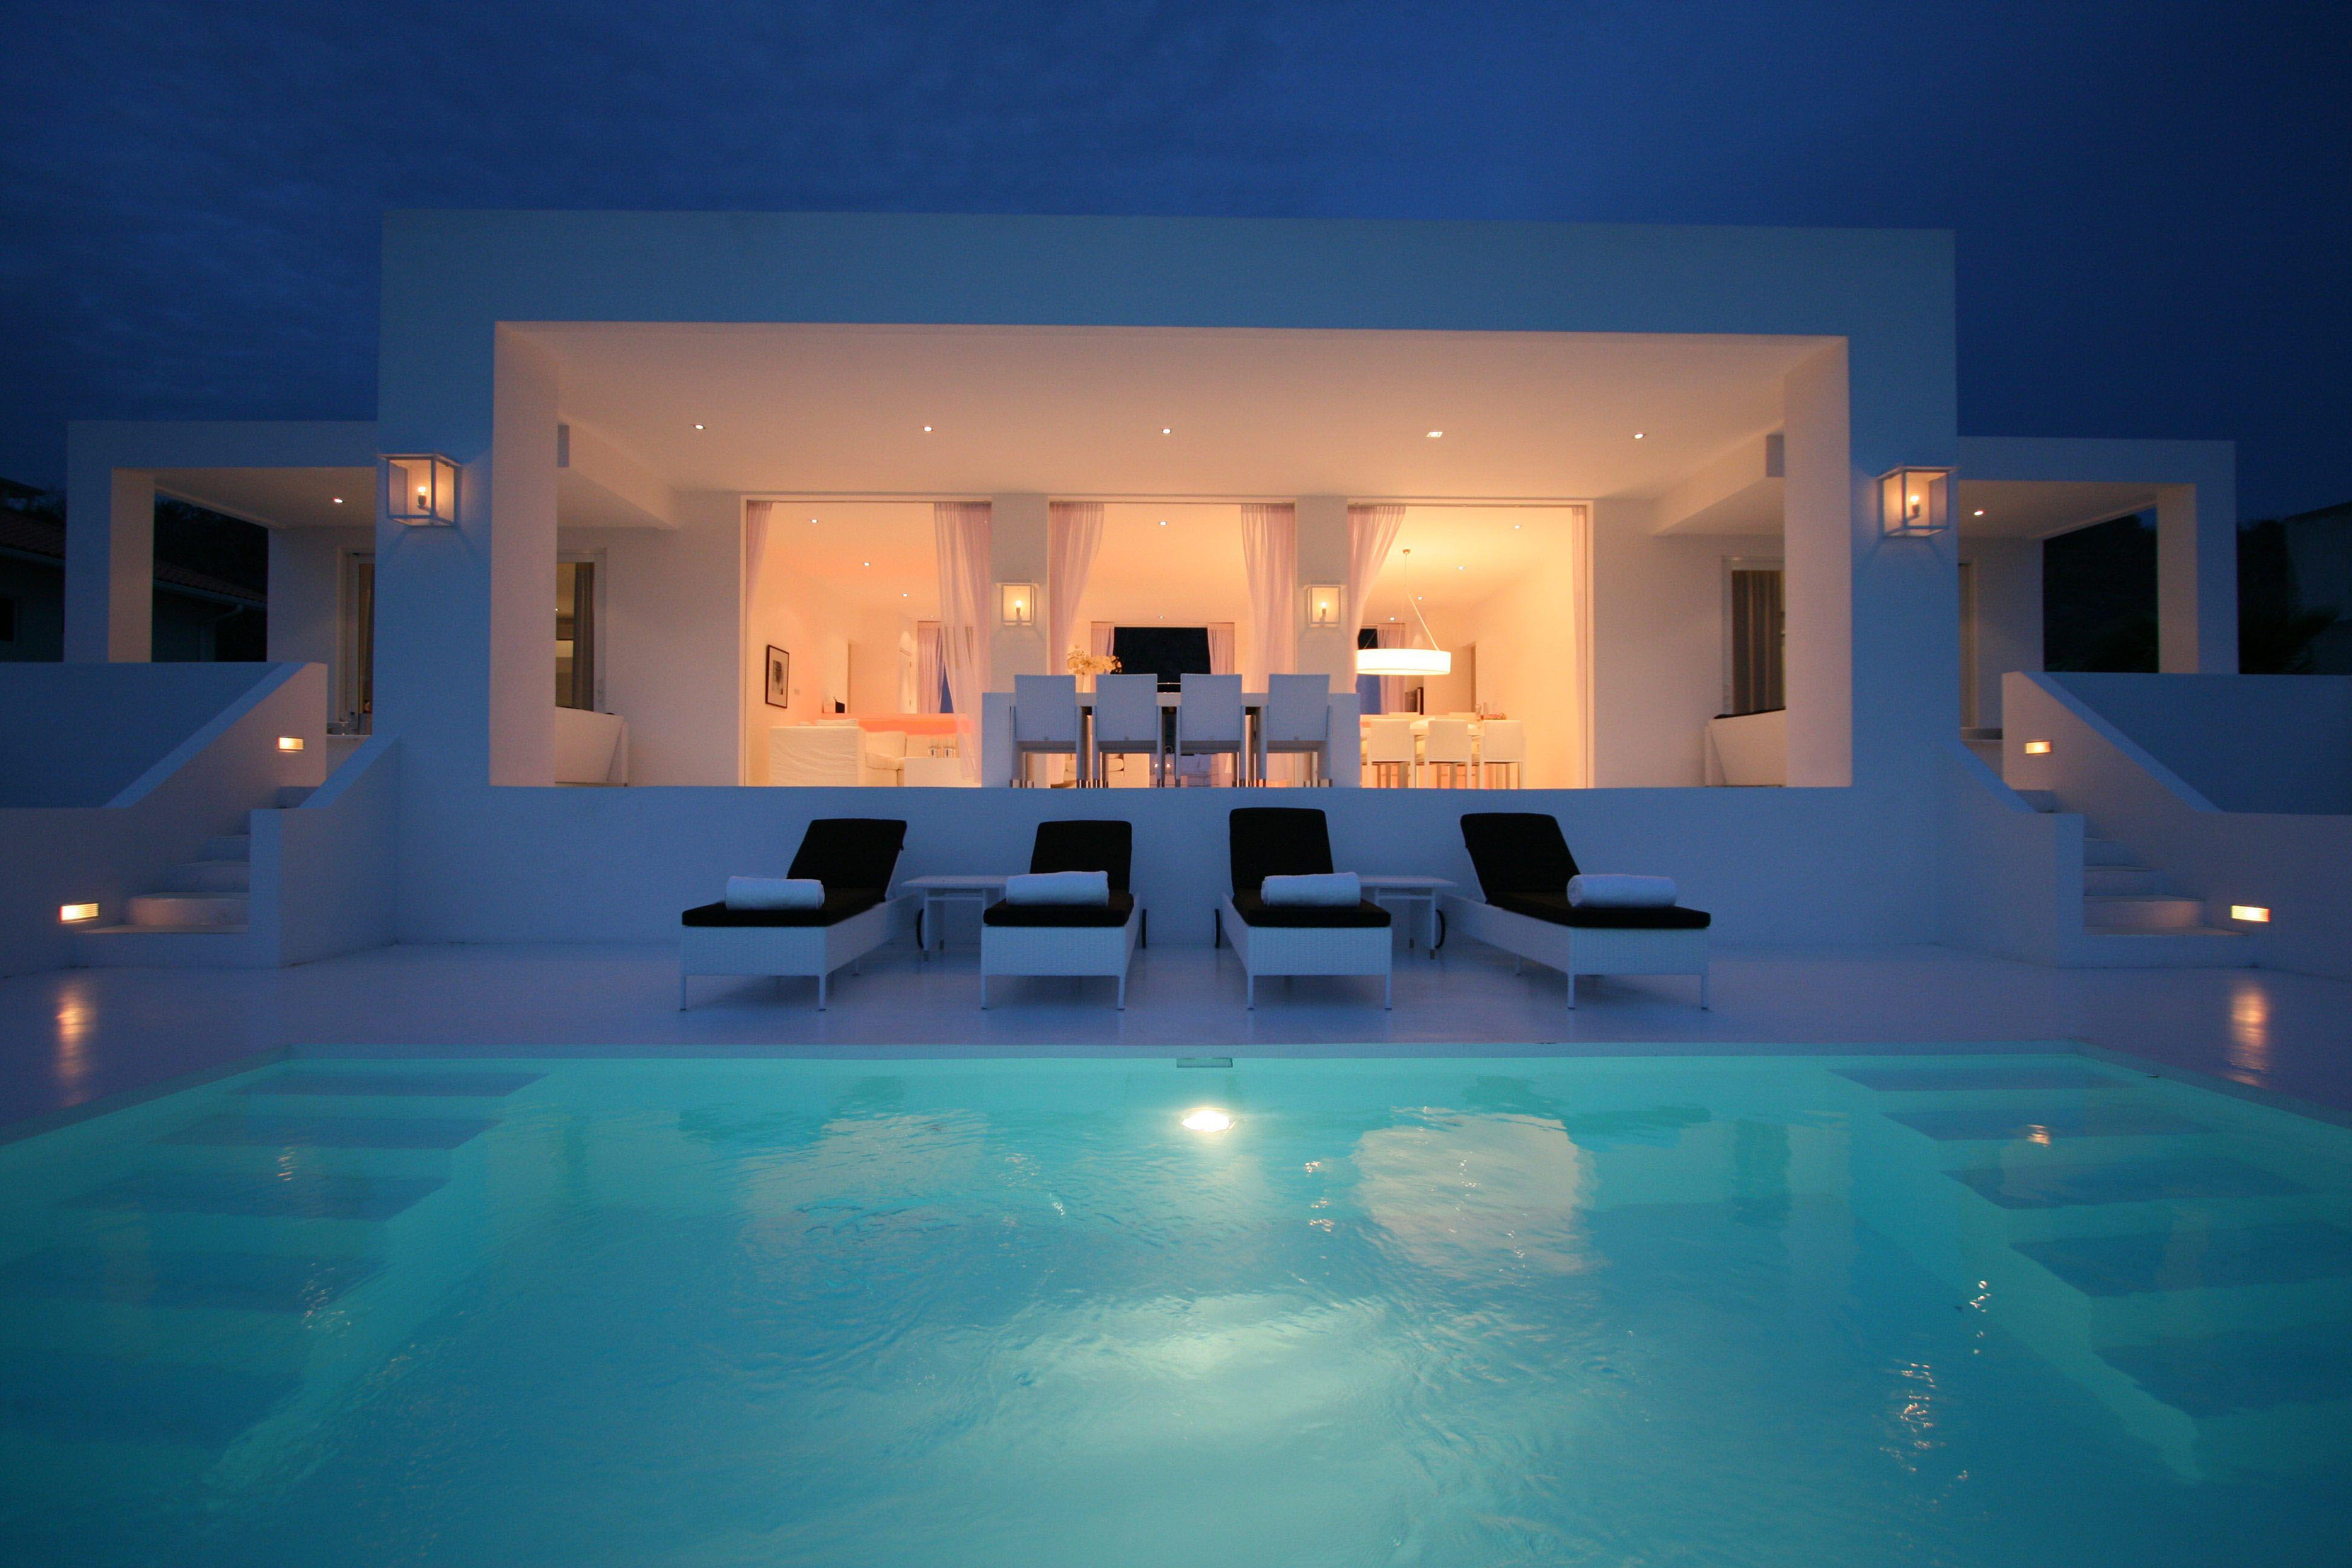 Jan Des Bouvrie Curacao Architecture 01 Dream